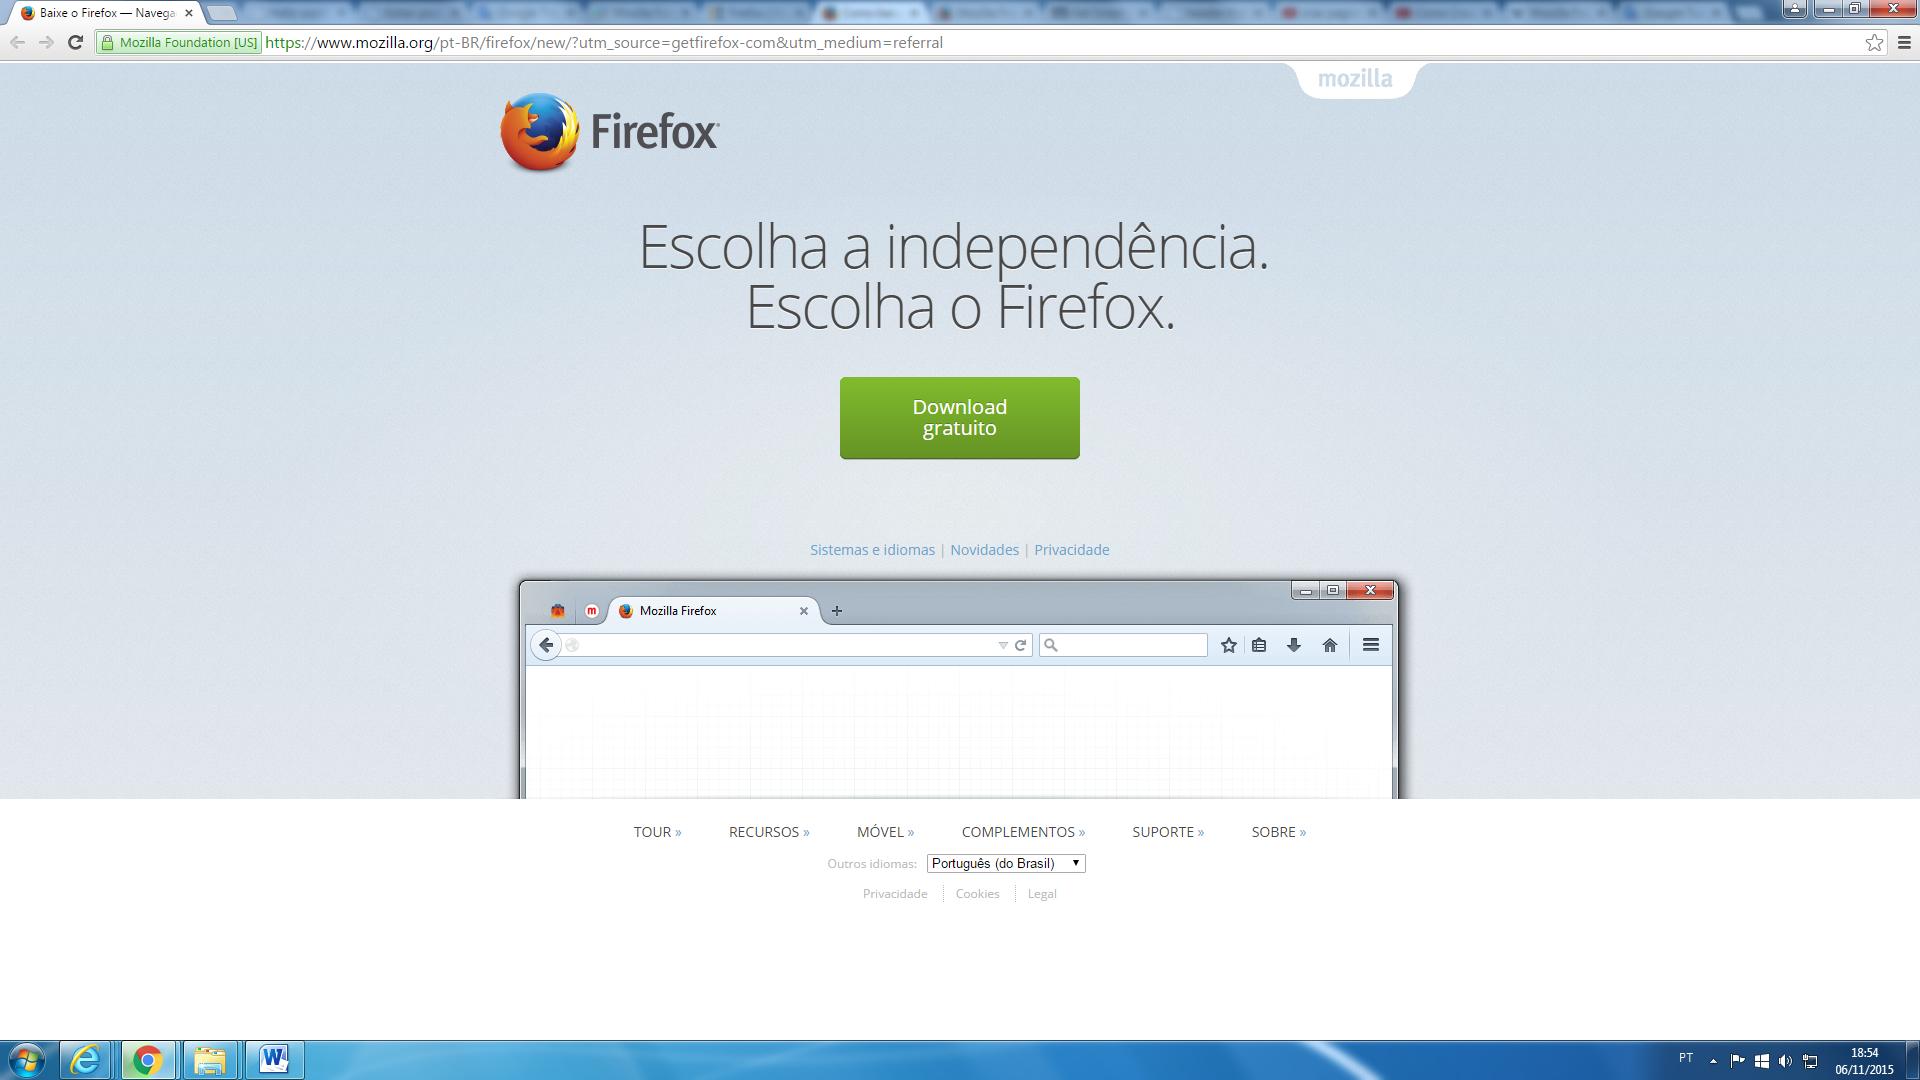 o navegador mozilla firefox no baixaki